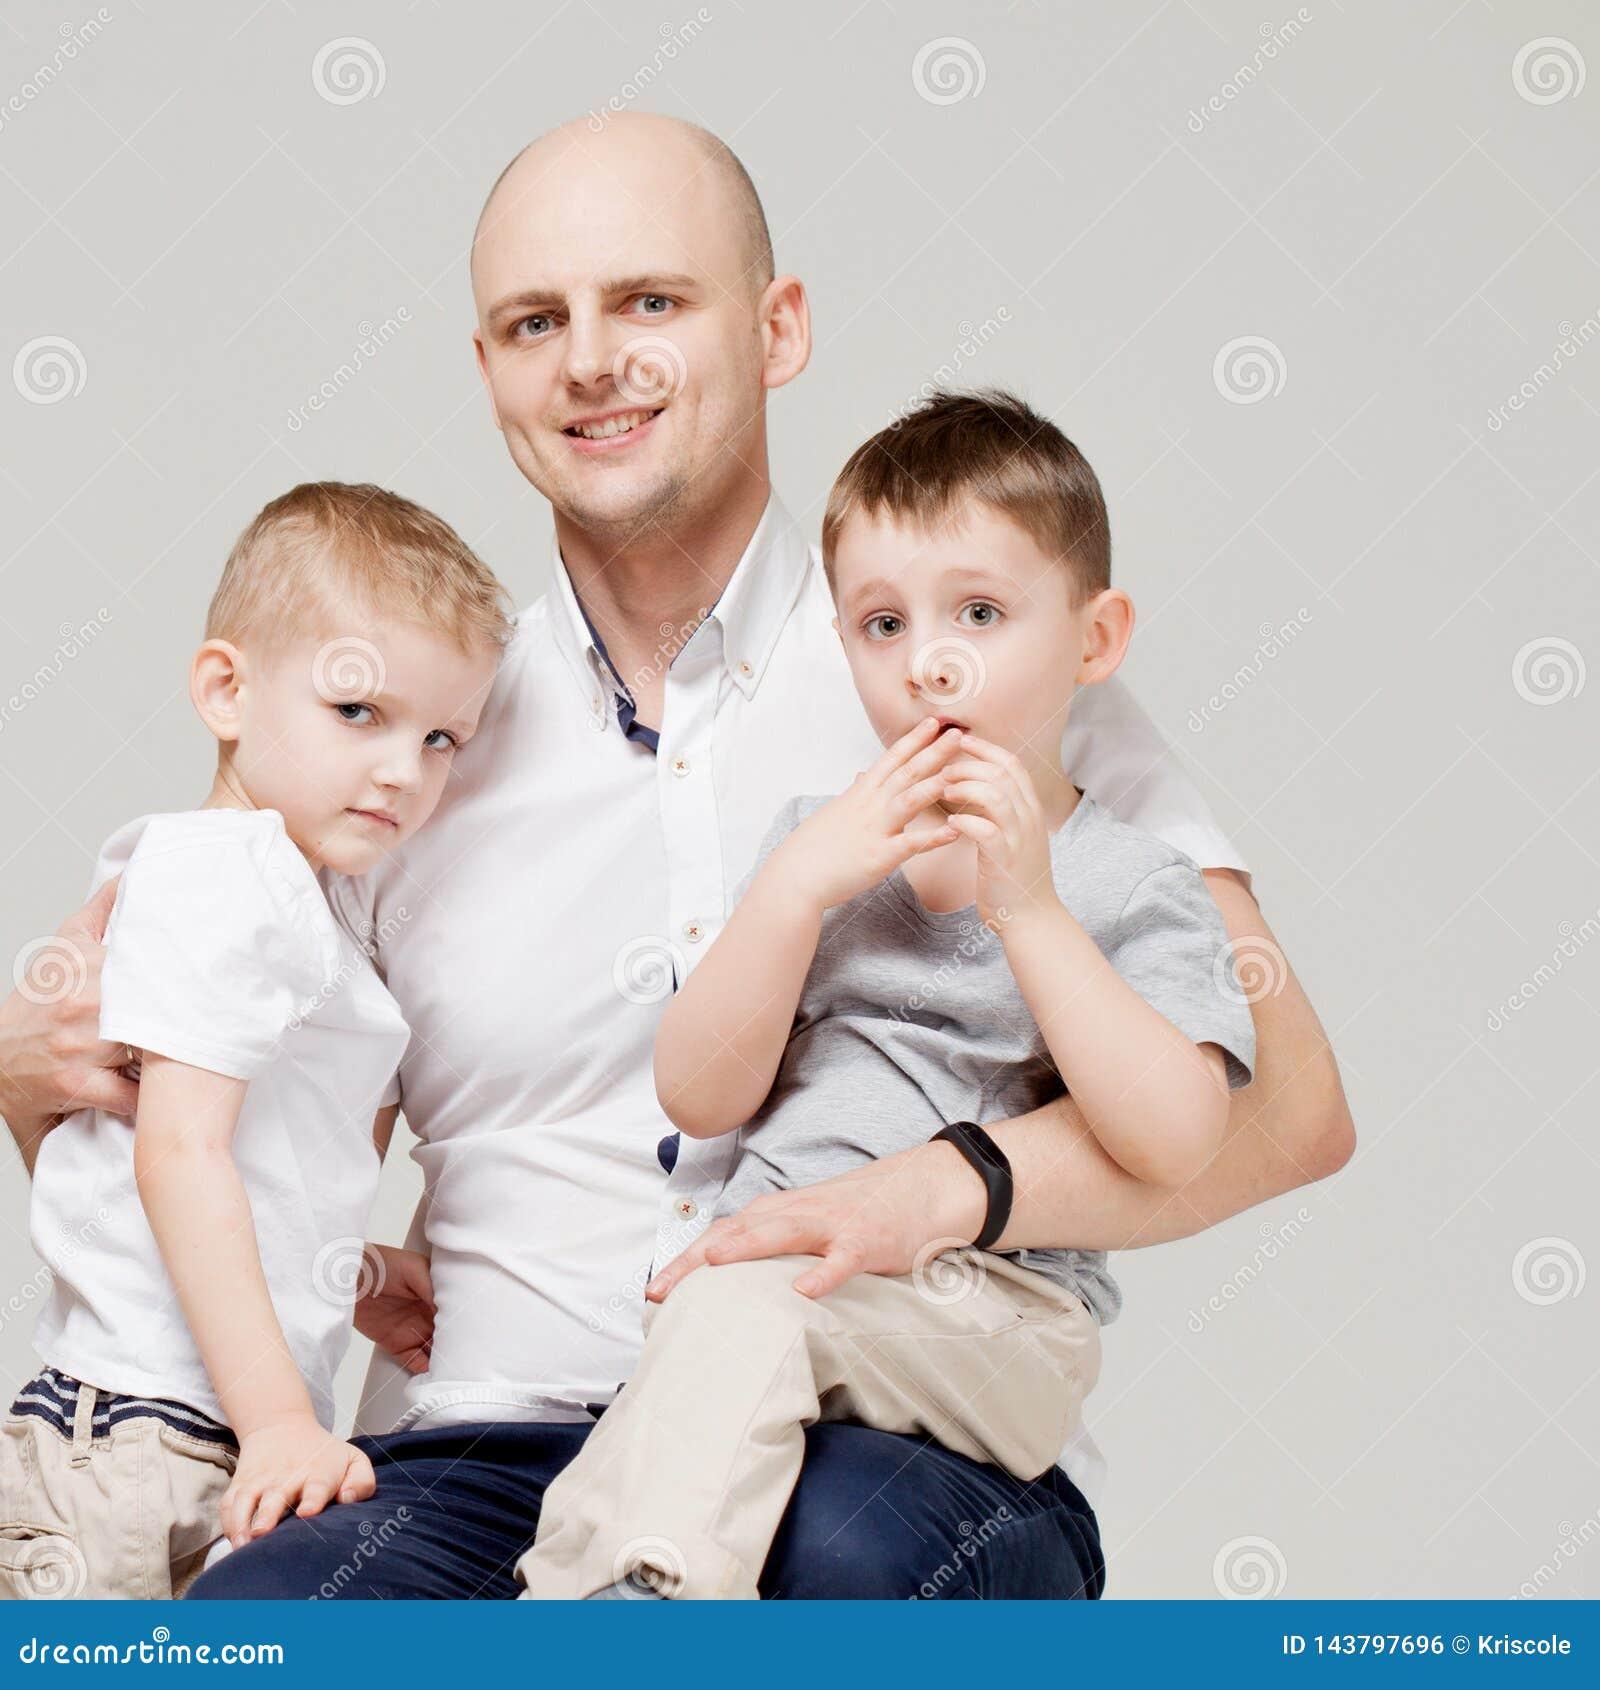 Padre y sus dos hijos, el hombre joven que cría a los niños, el retrato del concepto